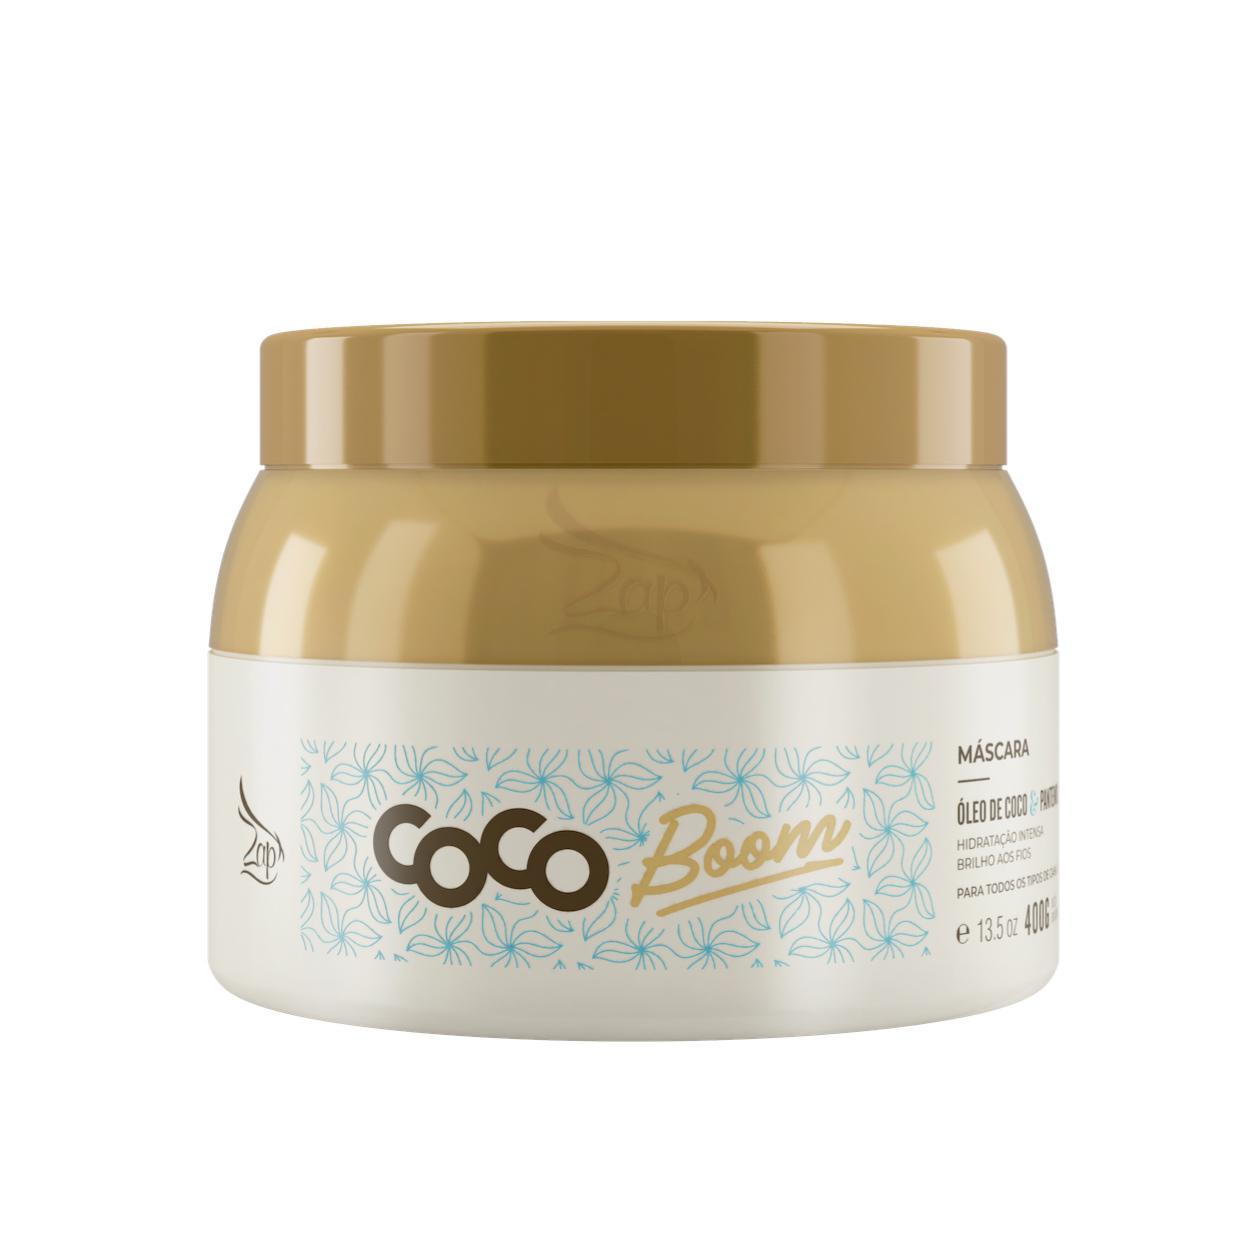 Zap Coco Boom Máscara Manutenção 400g